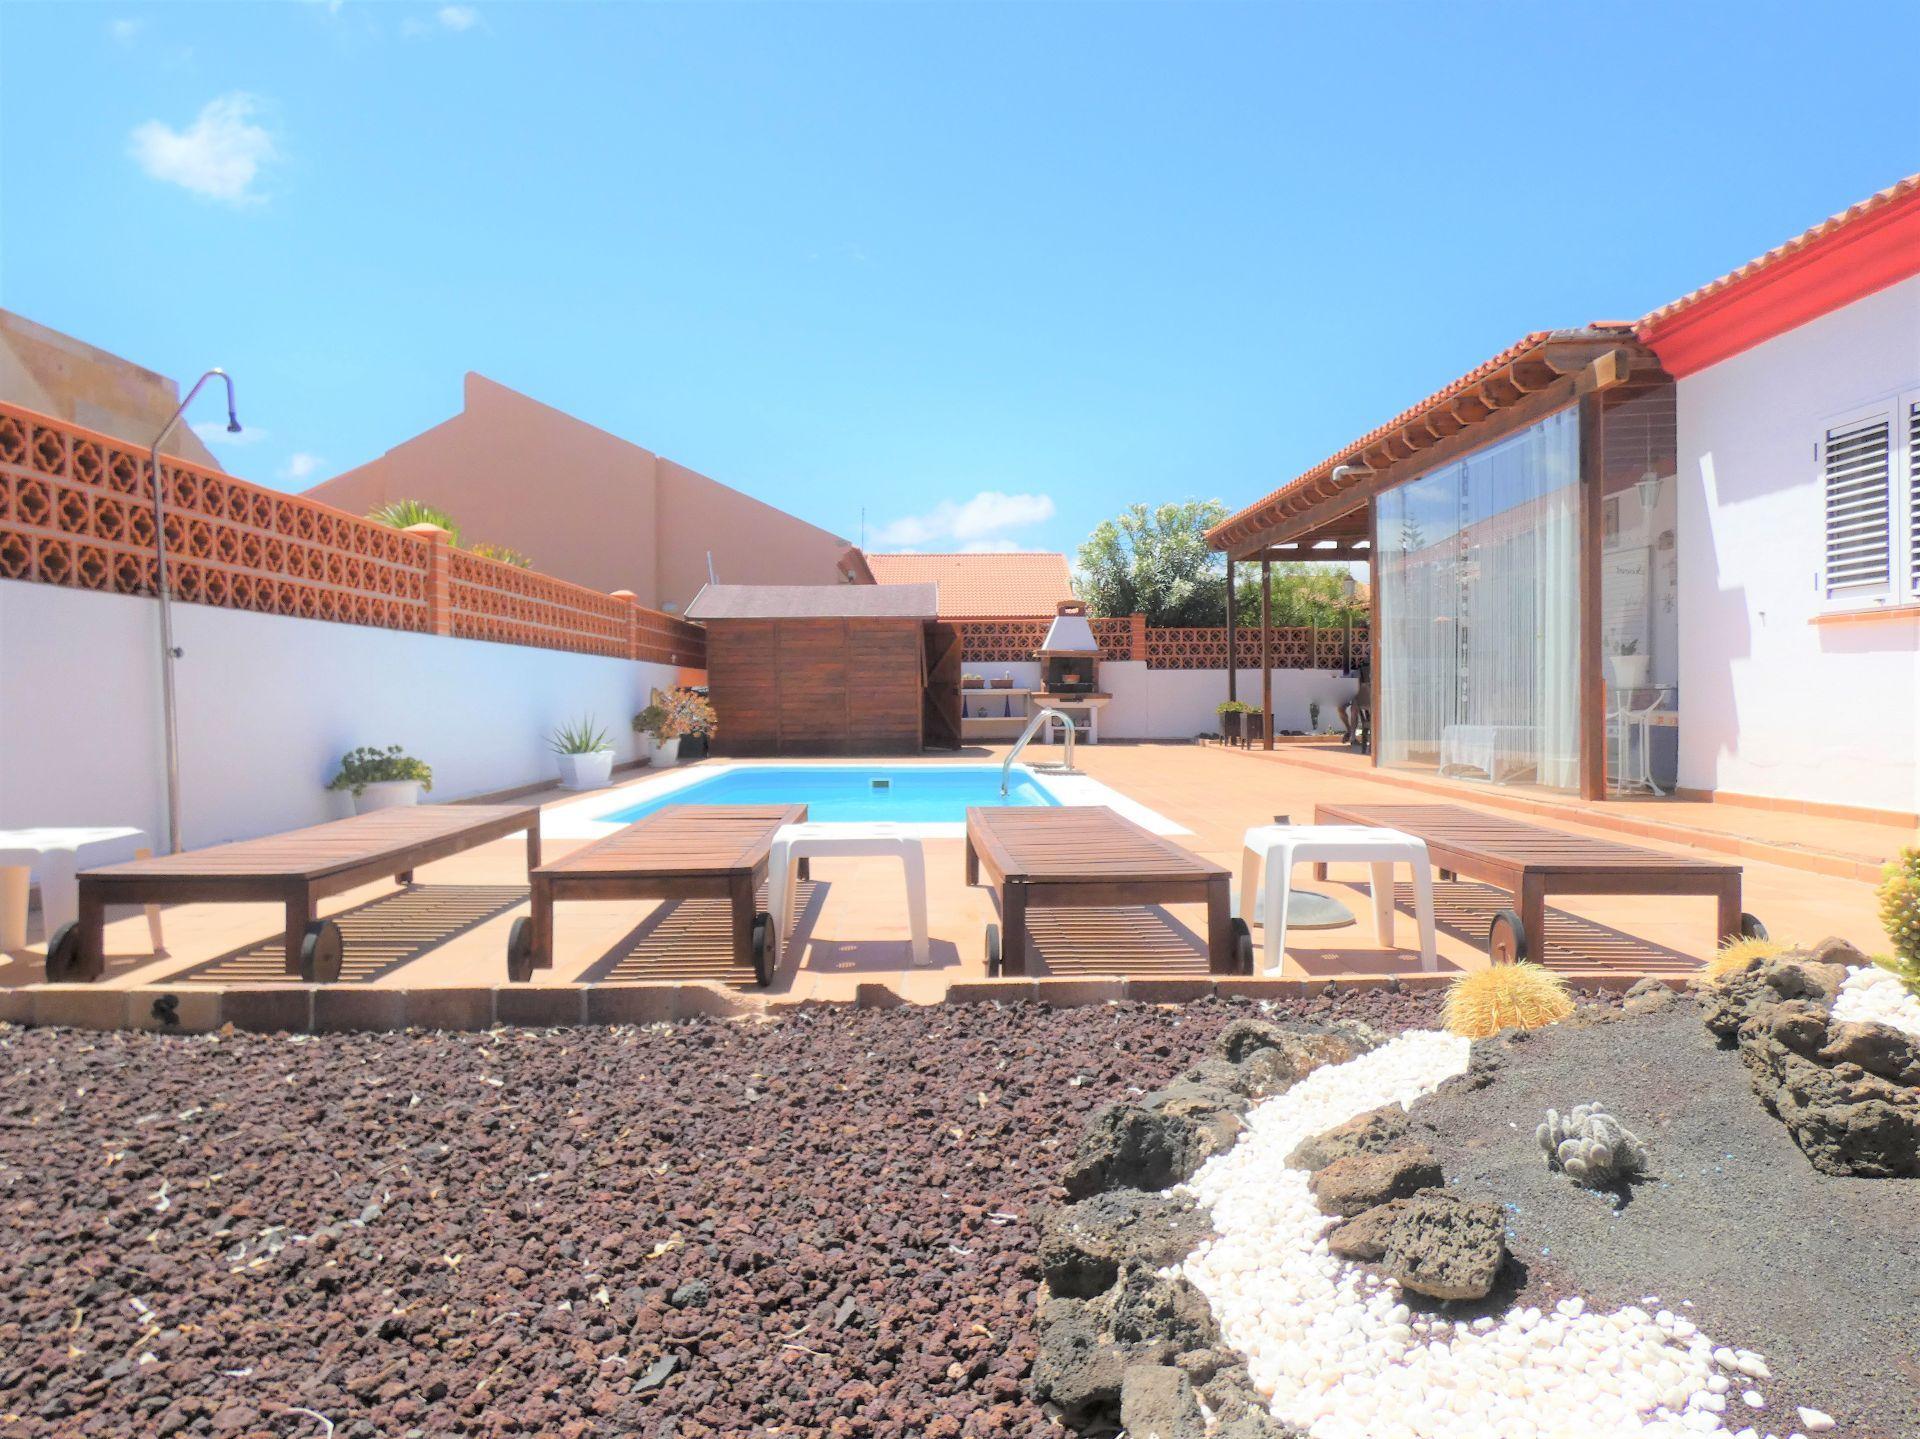 Casa / Chalet en Oliva, La, CORRALEJO, venta